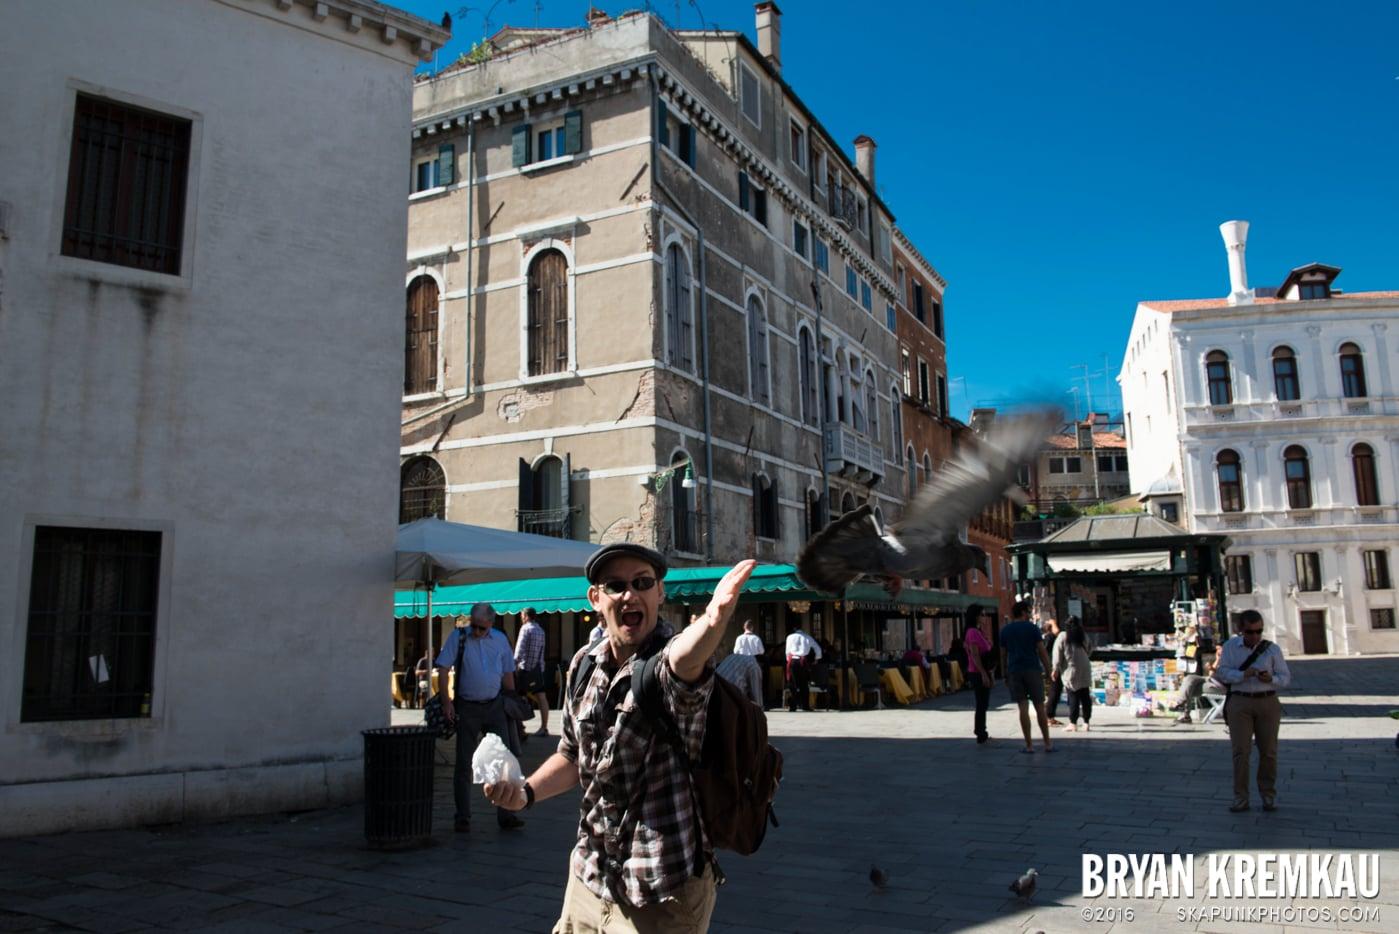 Italy Vacation - Day 4: Venice - 9.12.13 (71)